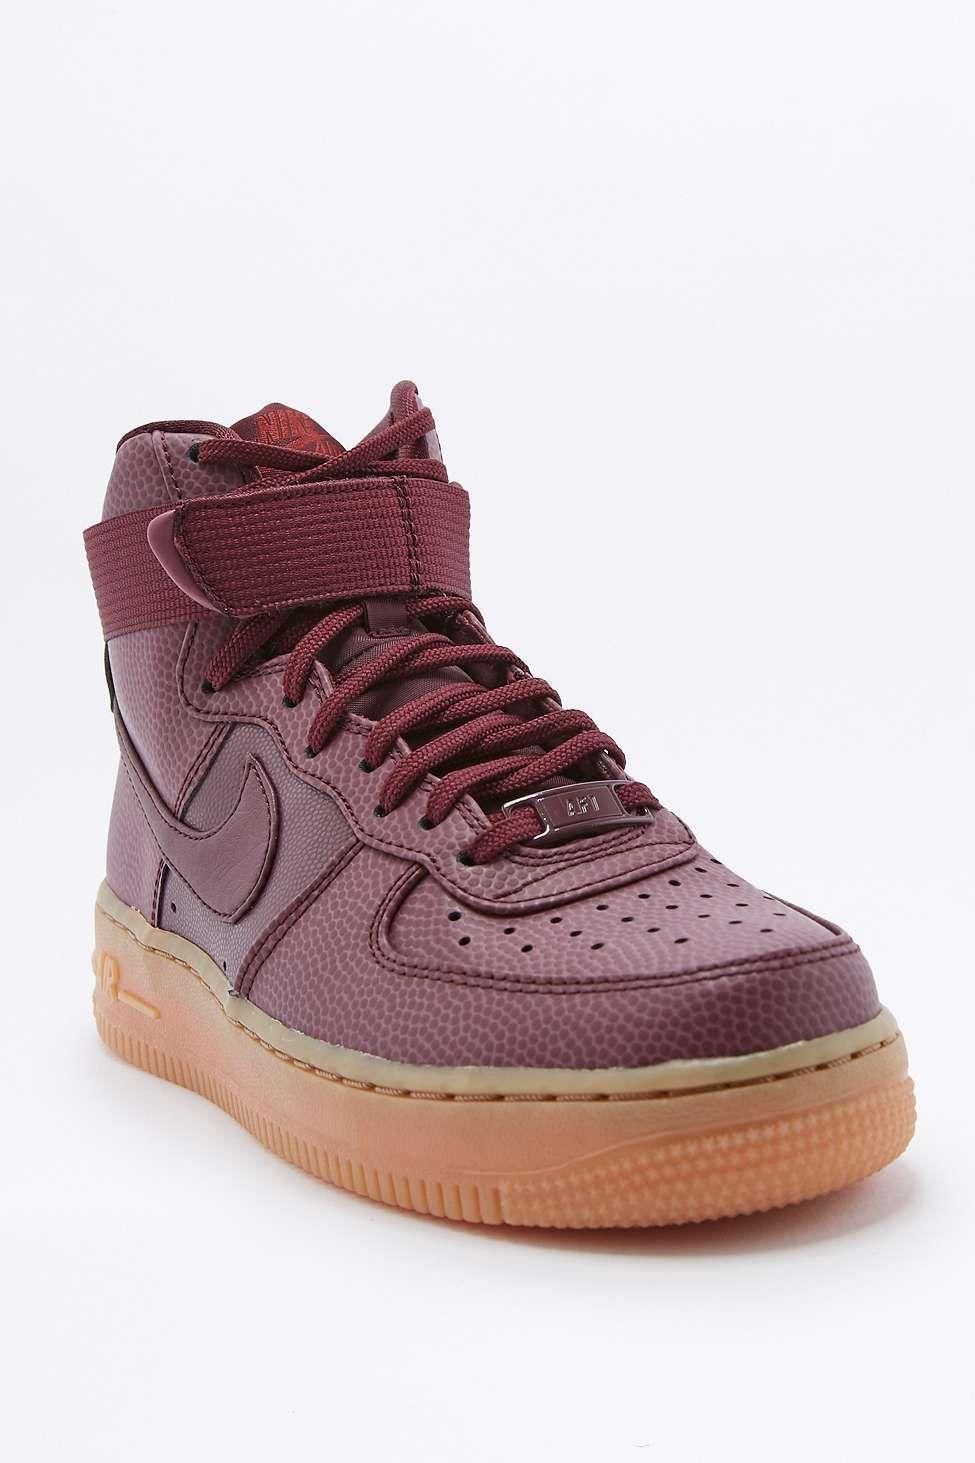 competitive price 249a2 1c3d7 Nike - Baskets Air Force 1 montantes avec semelle en crêpe bordeaux